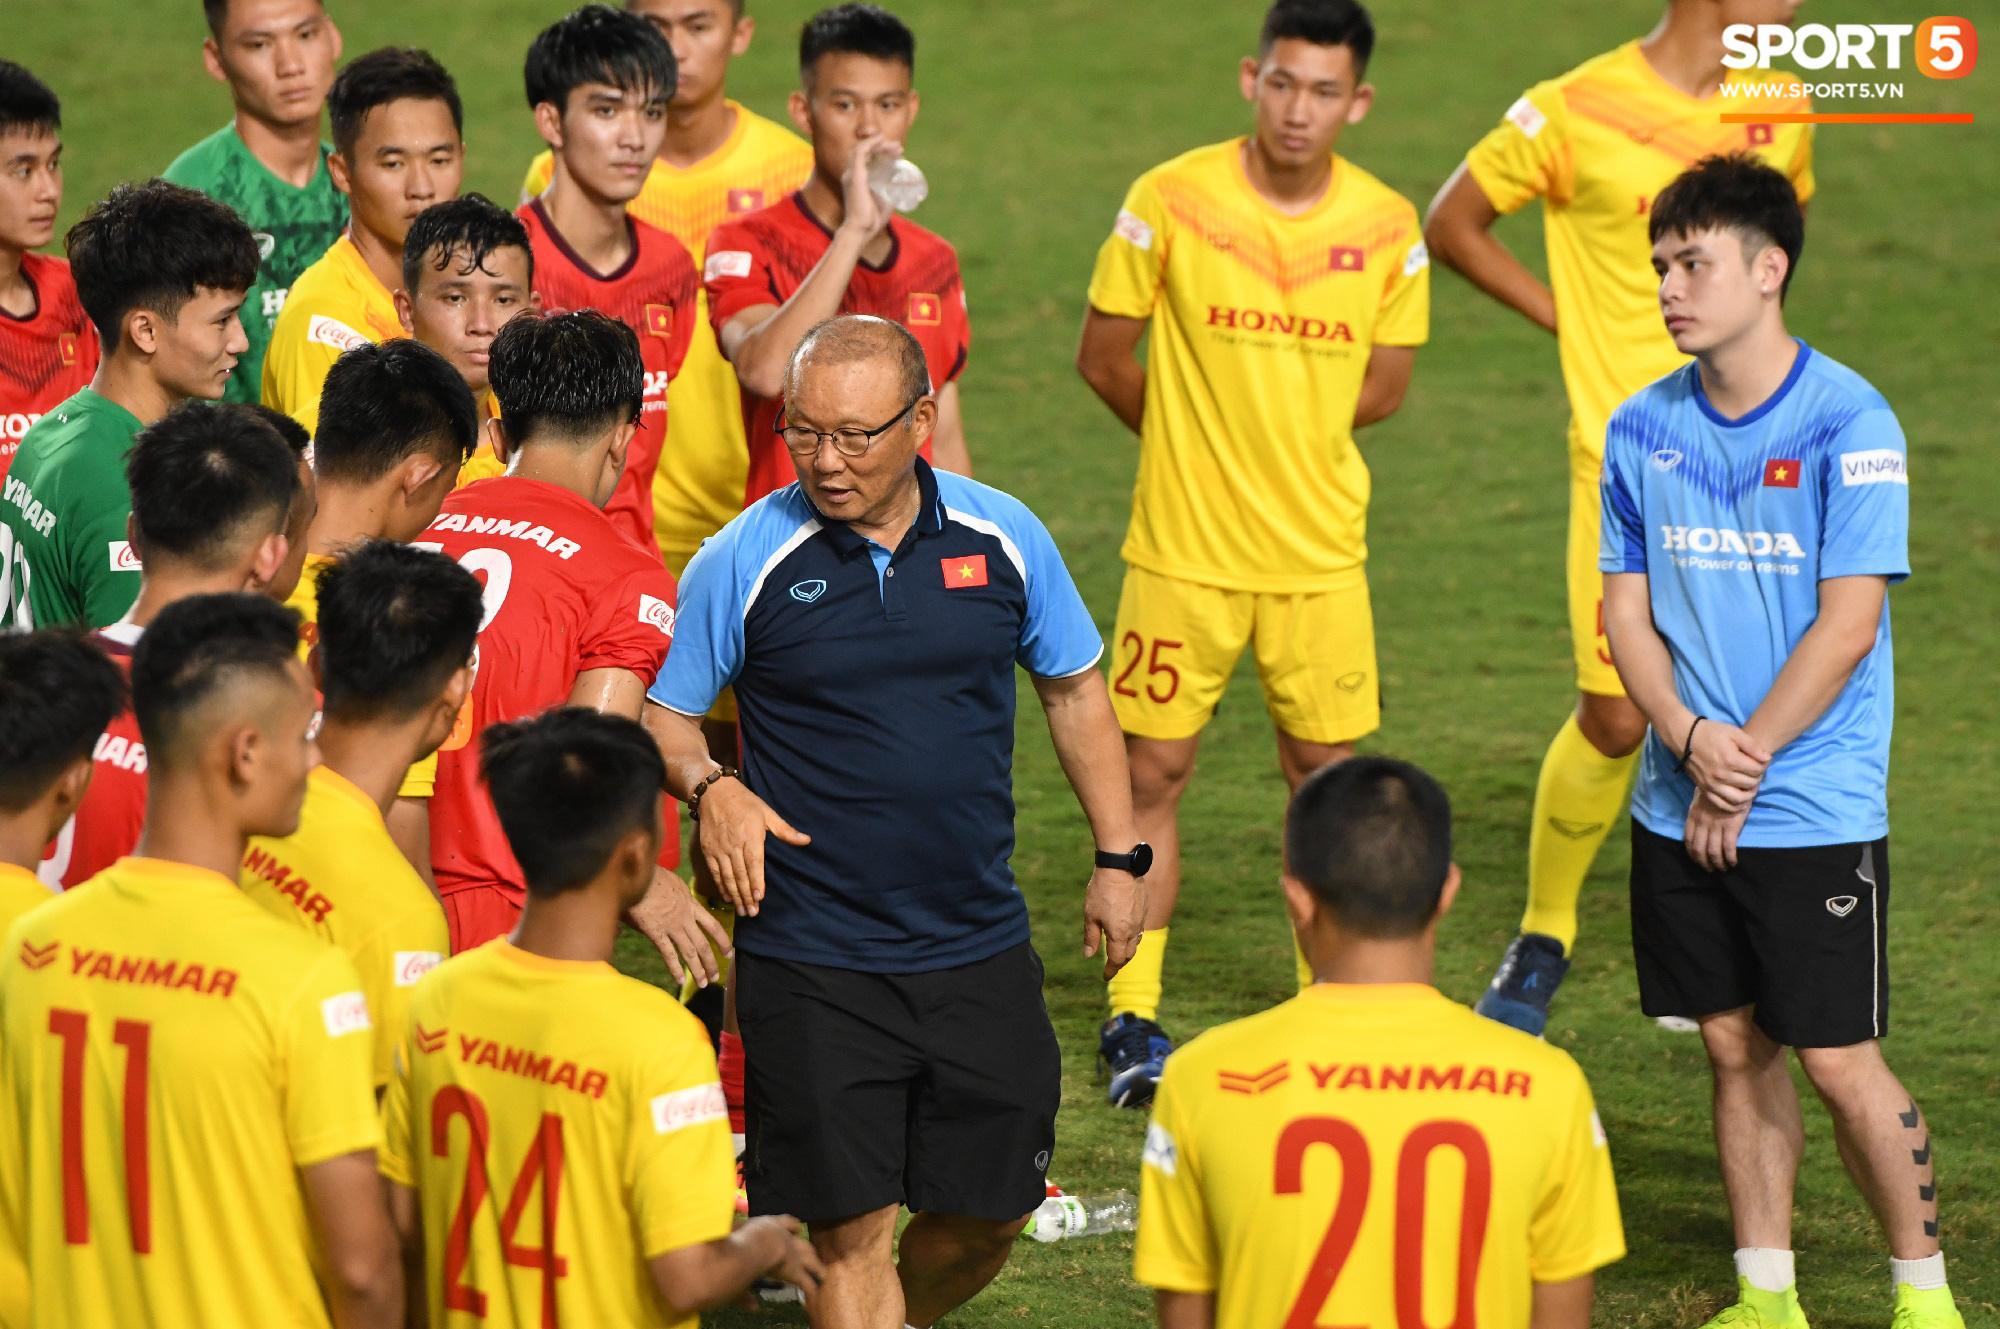 HLV Park Hang-seo dạy cho cầu thủ U22 Việt Nam bài học về cách lắng nghe, dặn dò đầy tâm huyết trước khi chia tay: Các bạn phải nỗ lực gấp đôi người khác  - Ảnh 4.